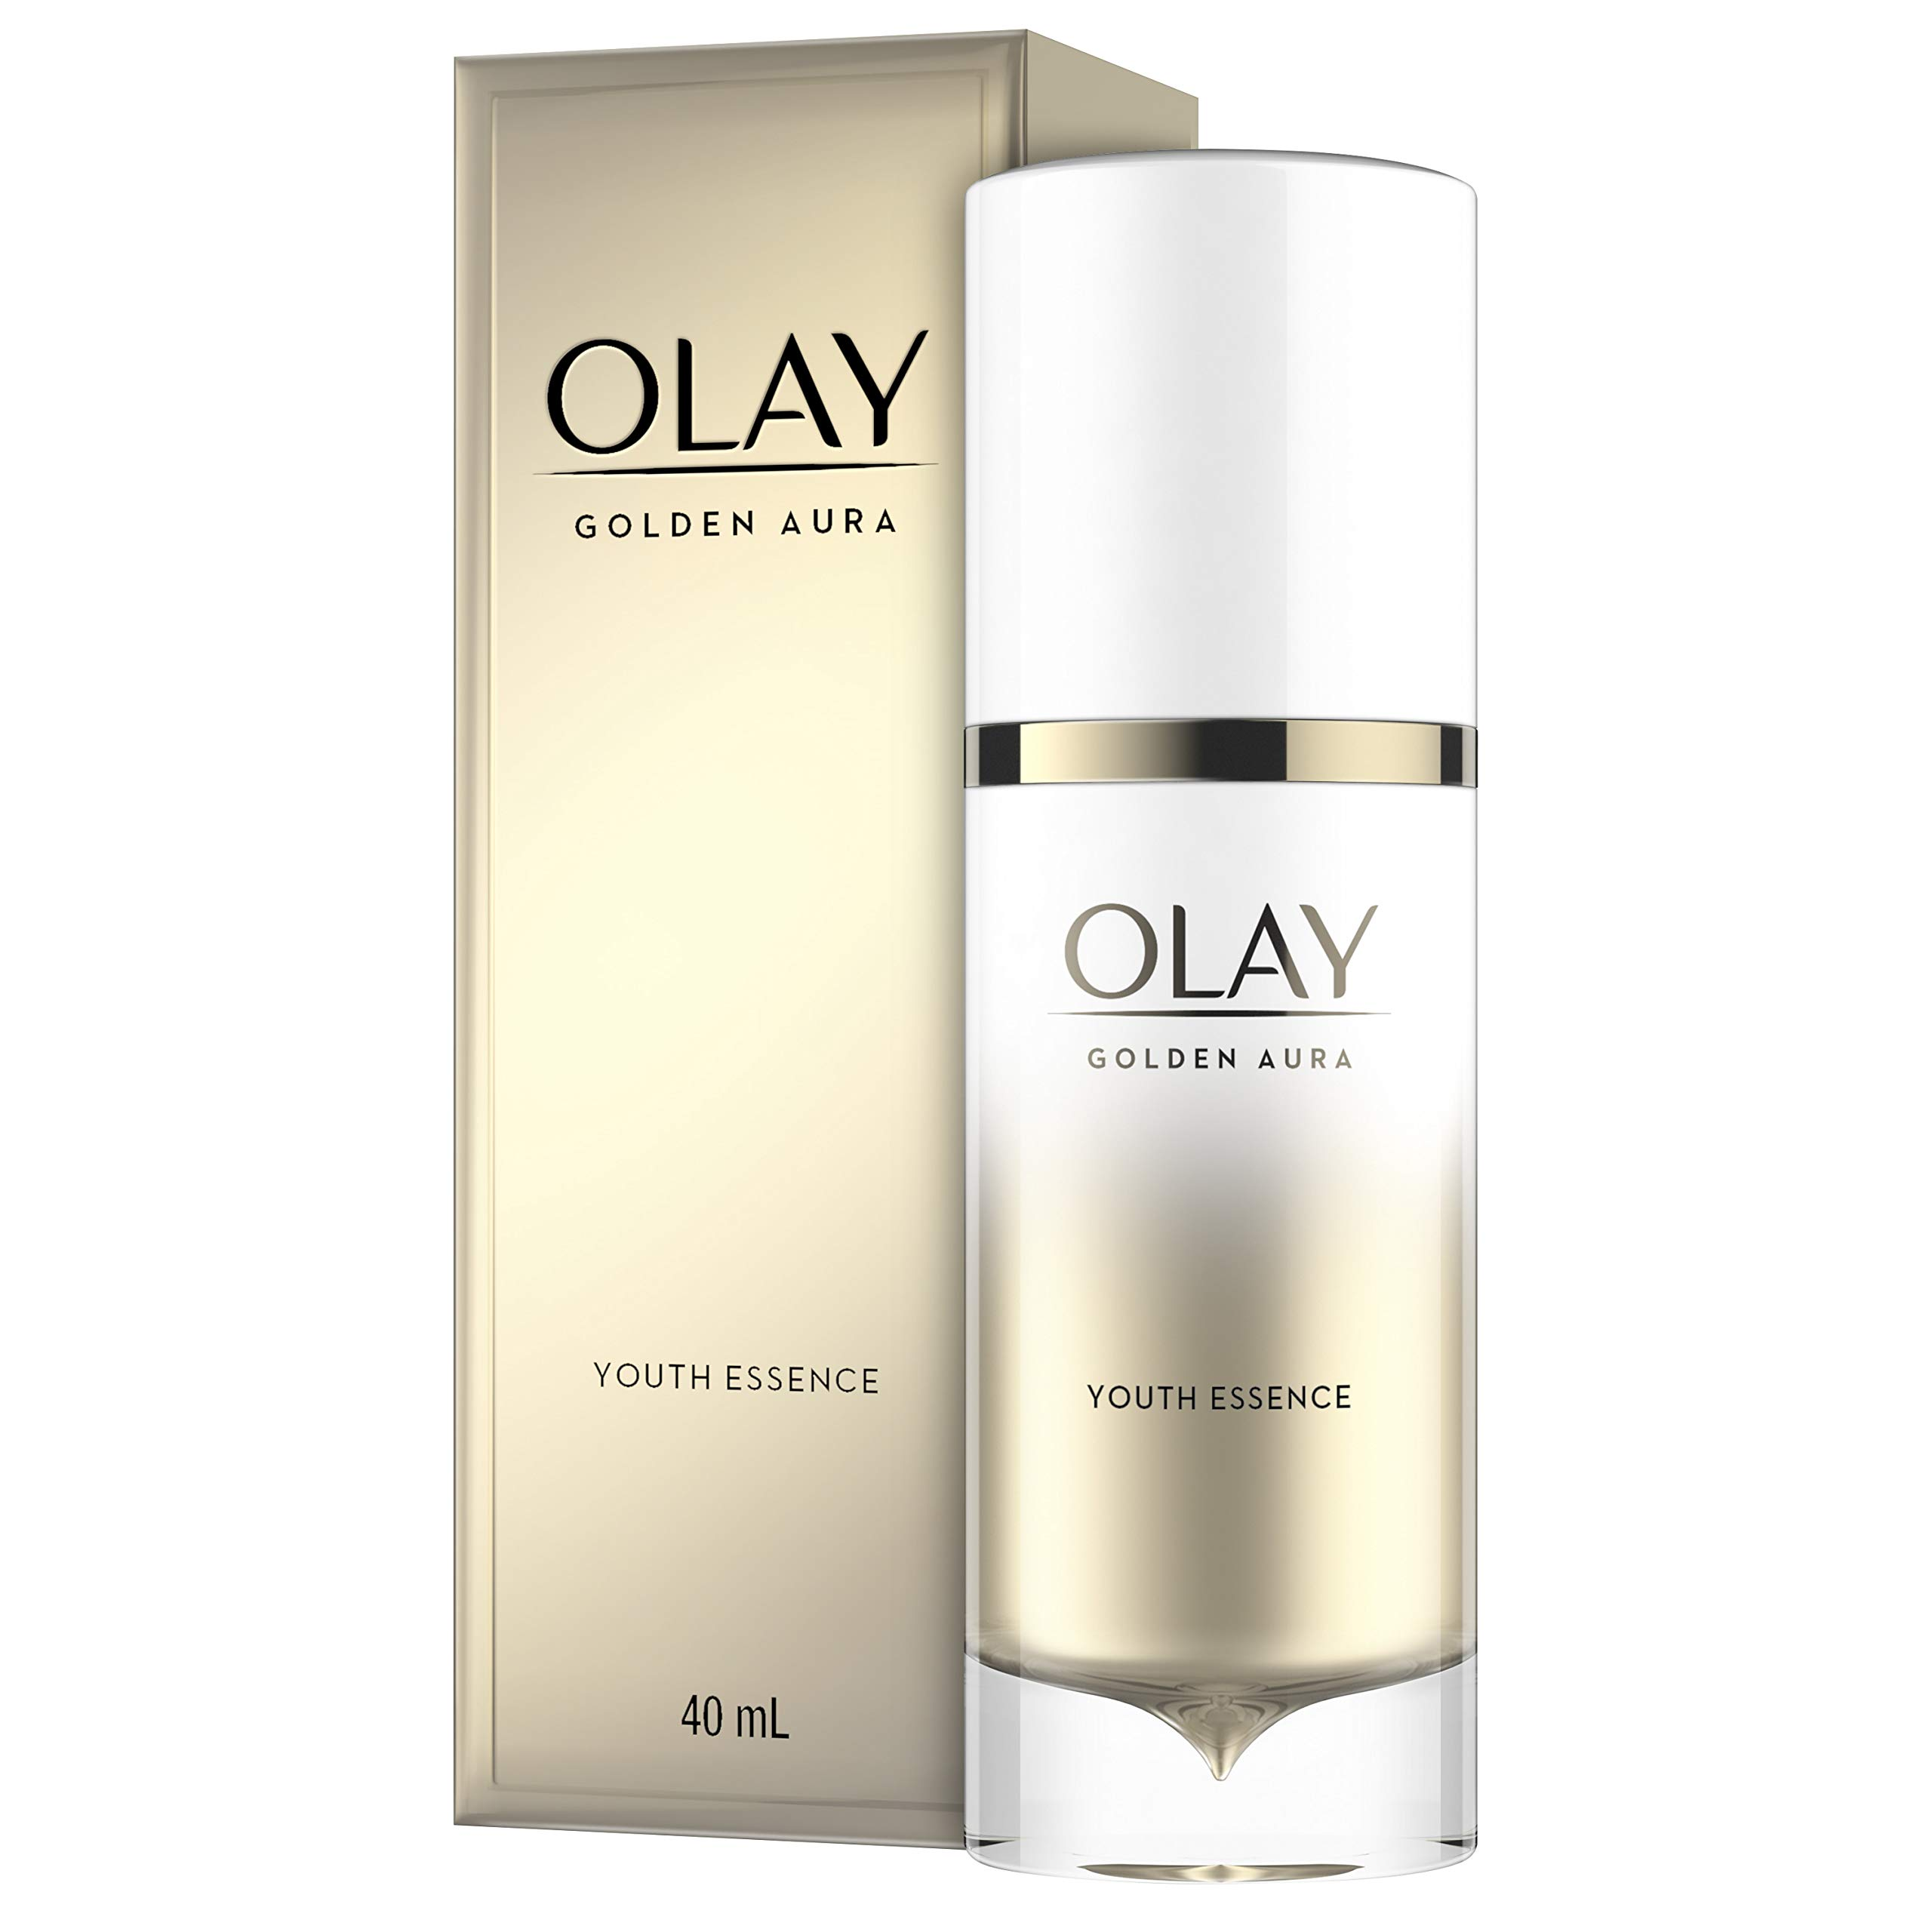 Facial Essence by Olay, Golden Aura Youth Essence, 1.3 Fluid Ounce by Olay (Image #1)